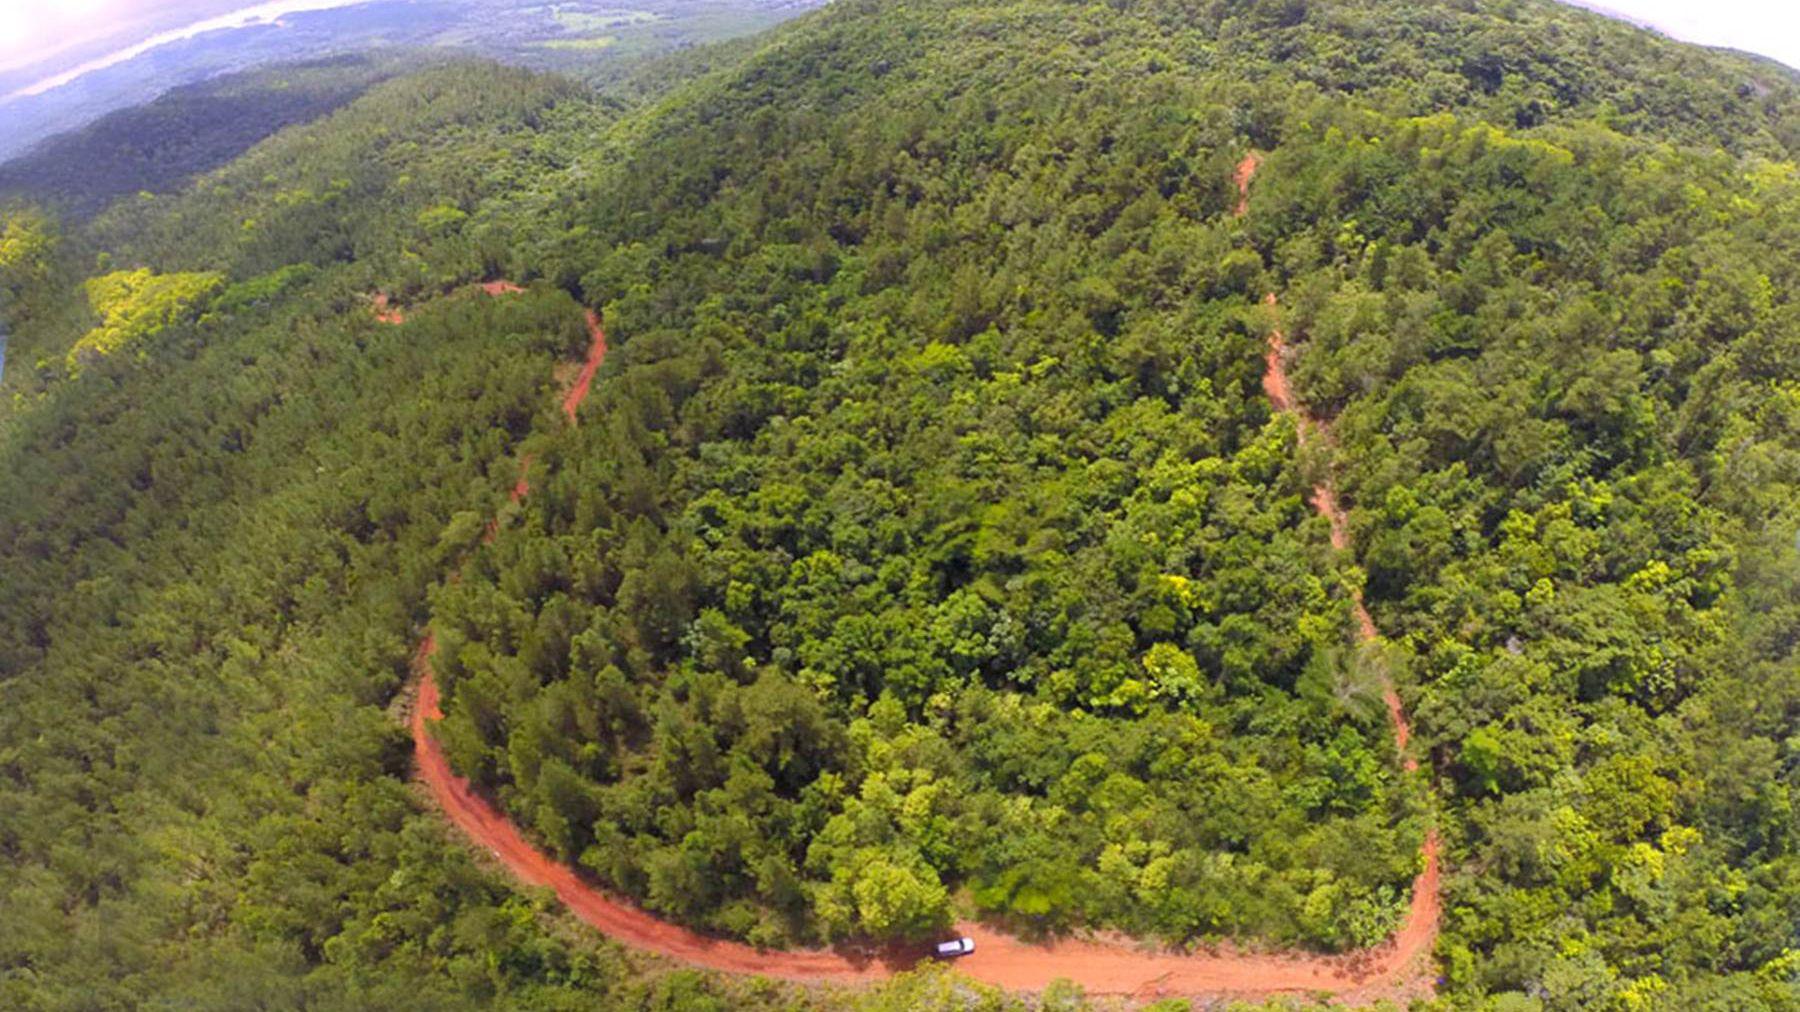 Ministro de Ambiente ordena suspender tala de árboles en Loma Miranda